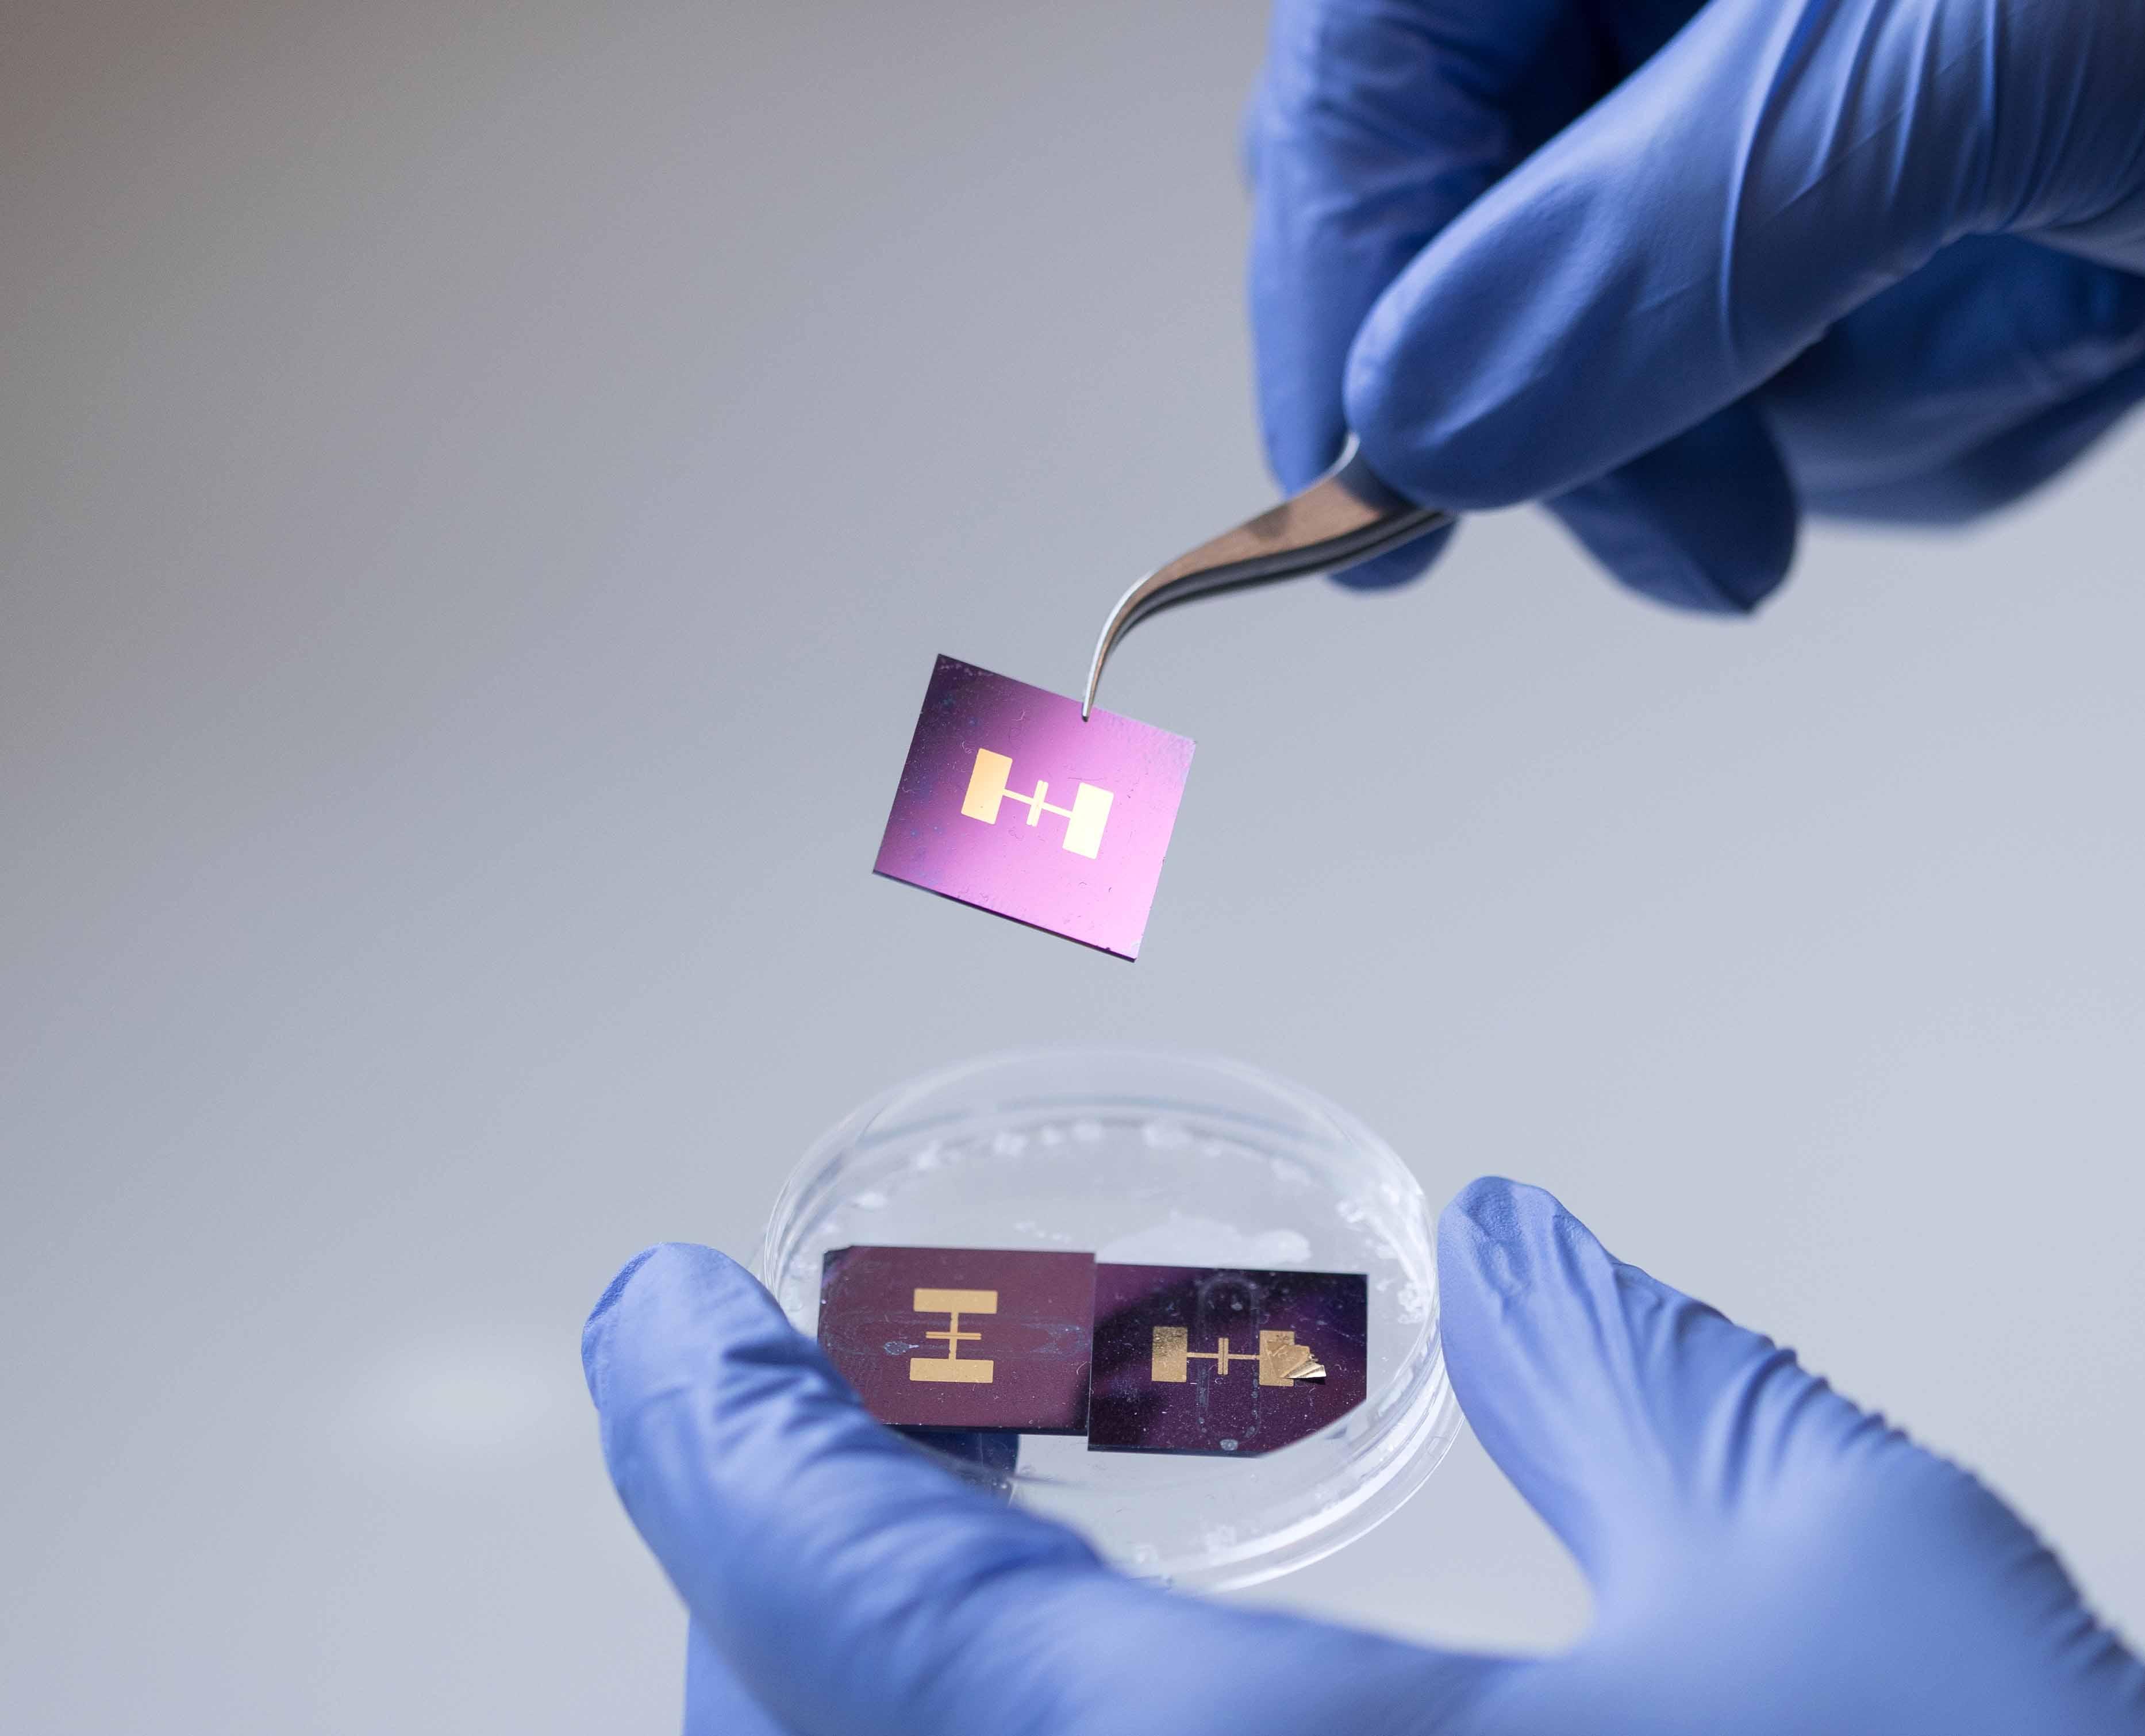 CEST Kompetenzzentrum - Bioelektrochemie und Sensorik